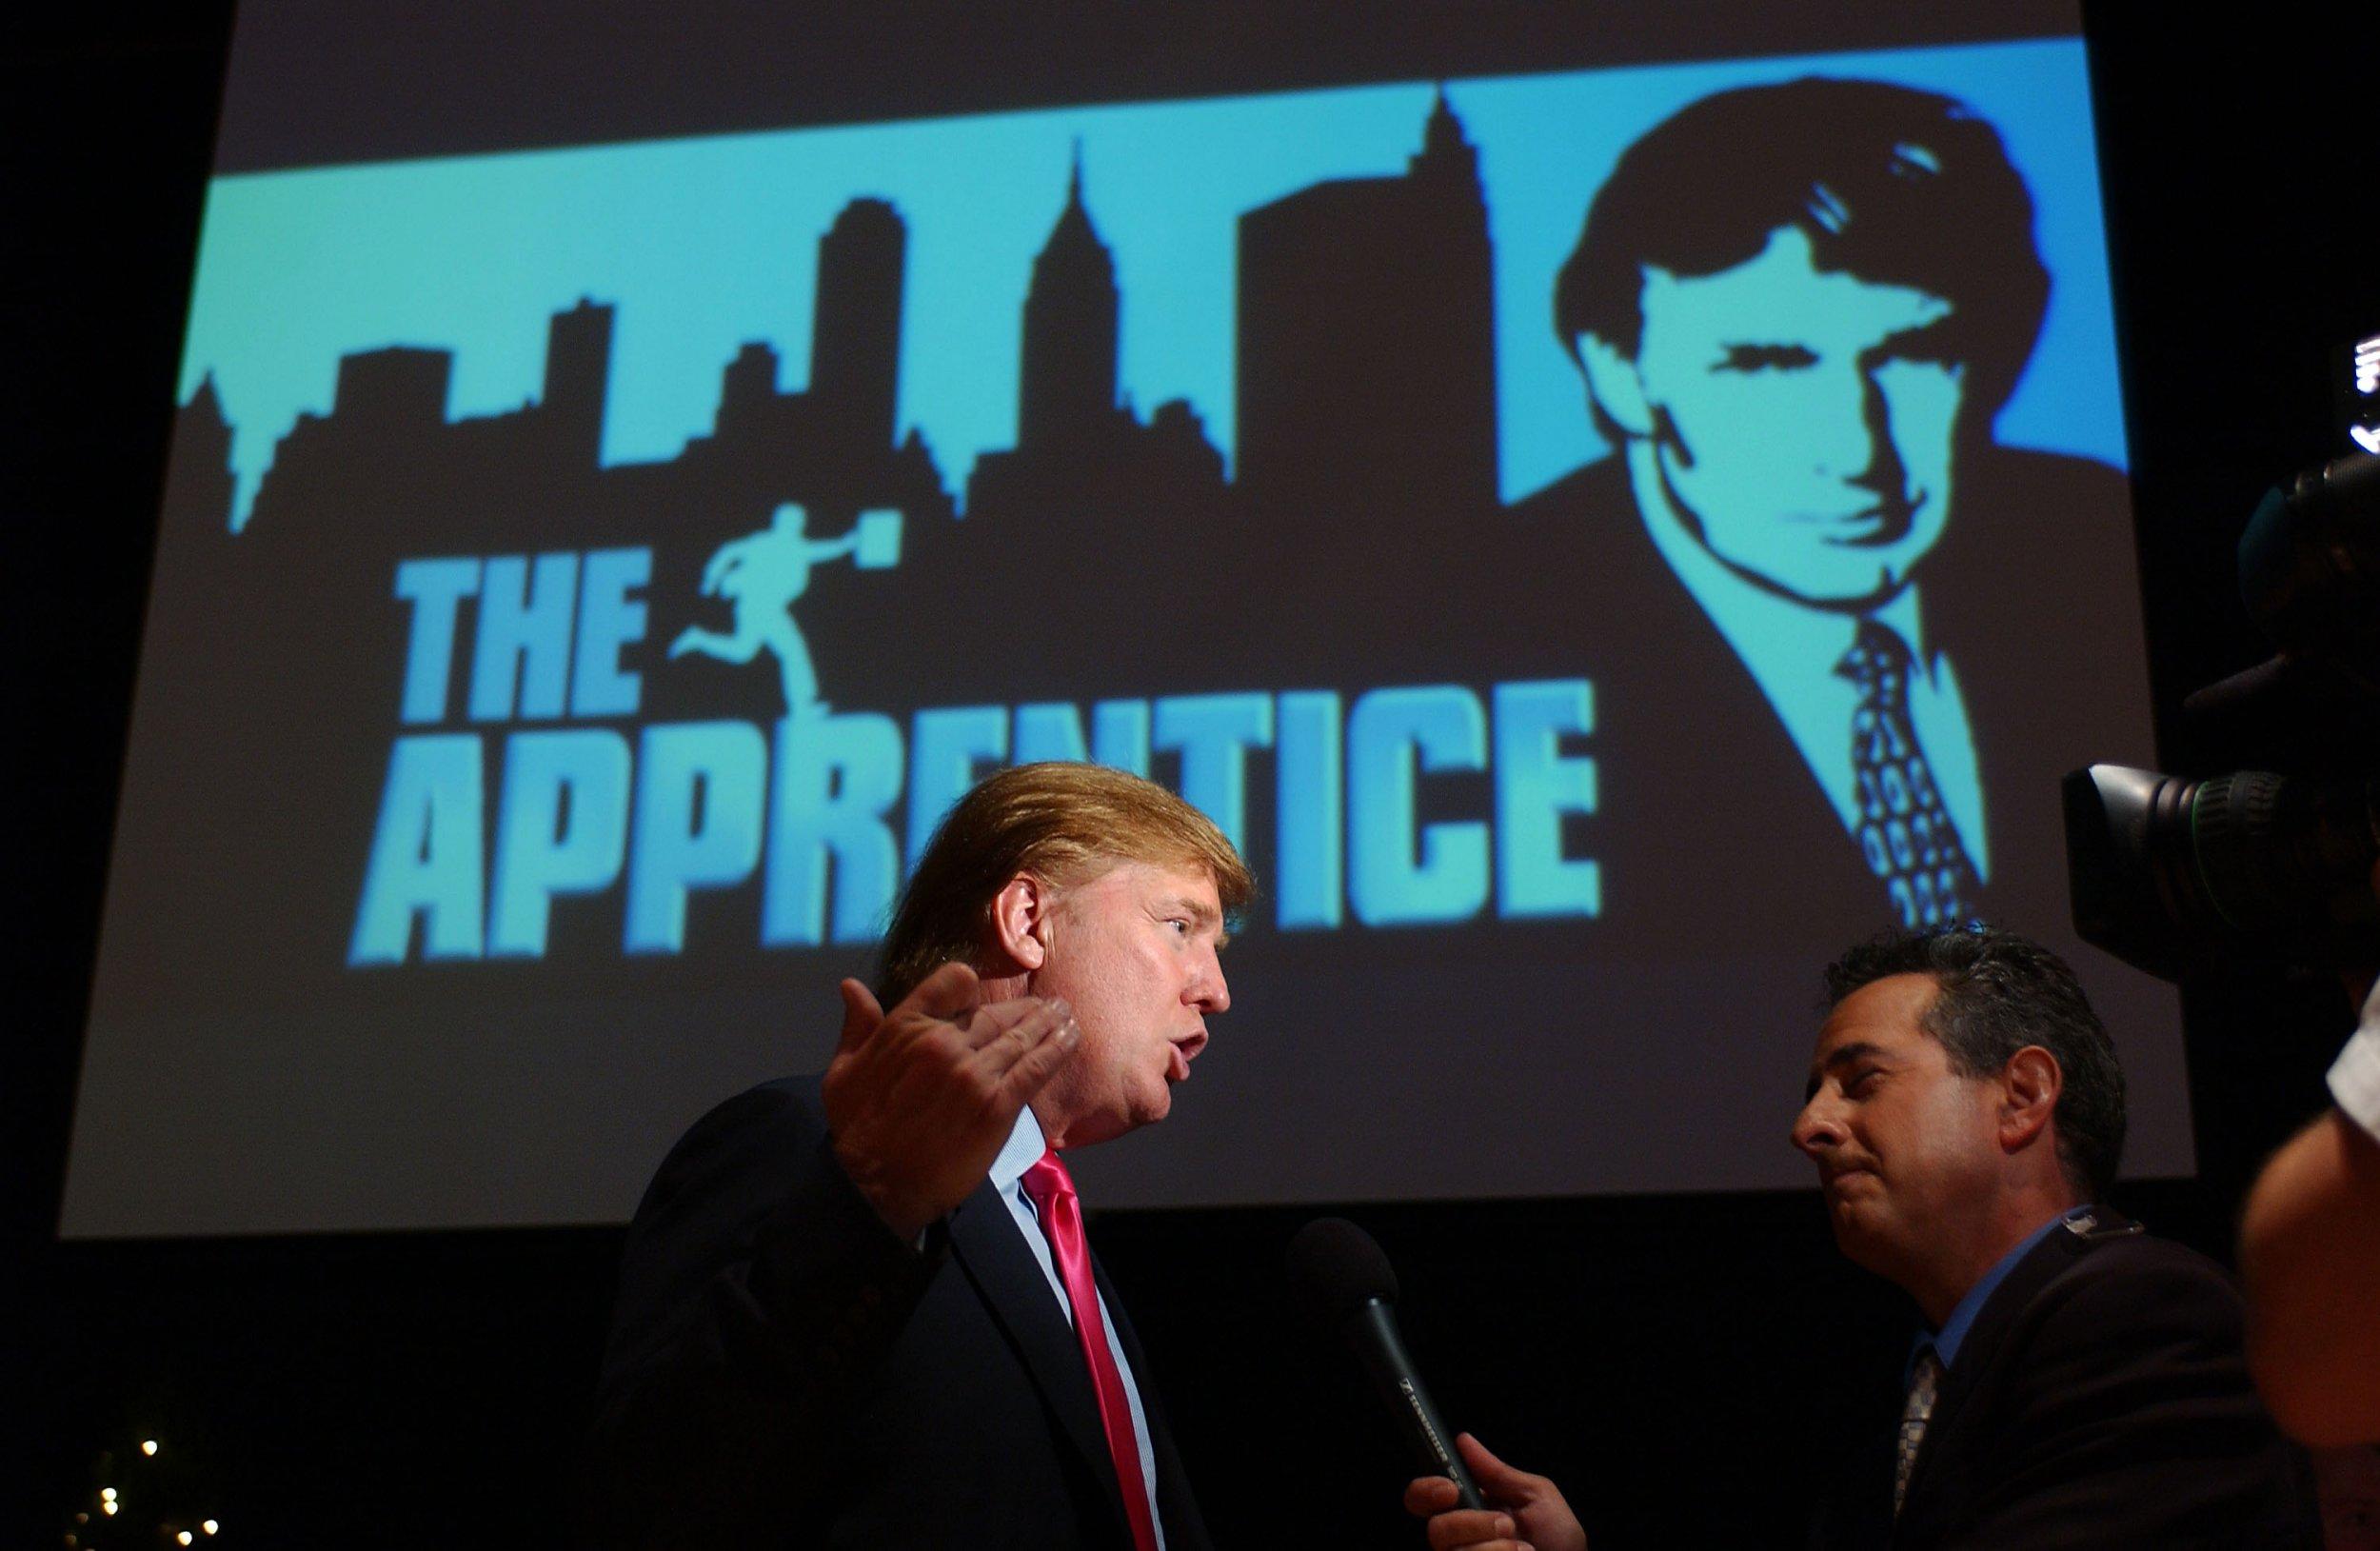 Donald Trump 'The Apprentice'